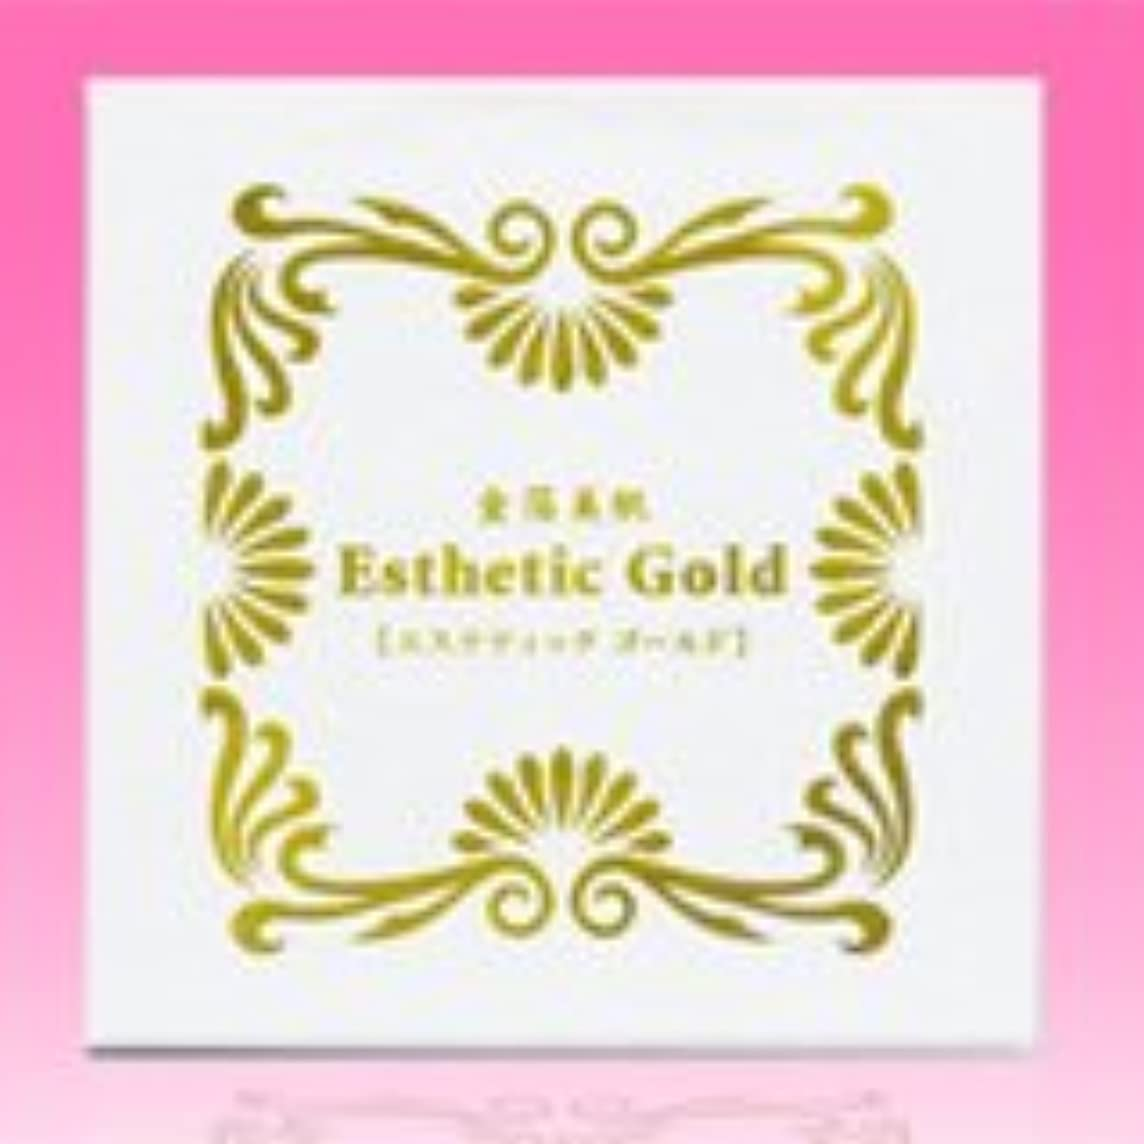 熱心な少ない絶対の【金箔 美顔】エステティック ゴールド 24K-1/4size100枚【日本製】